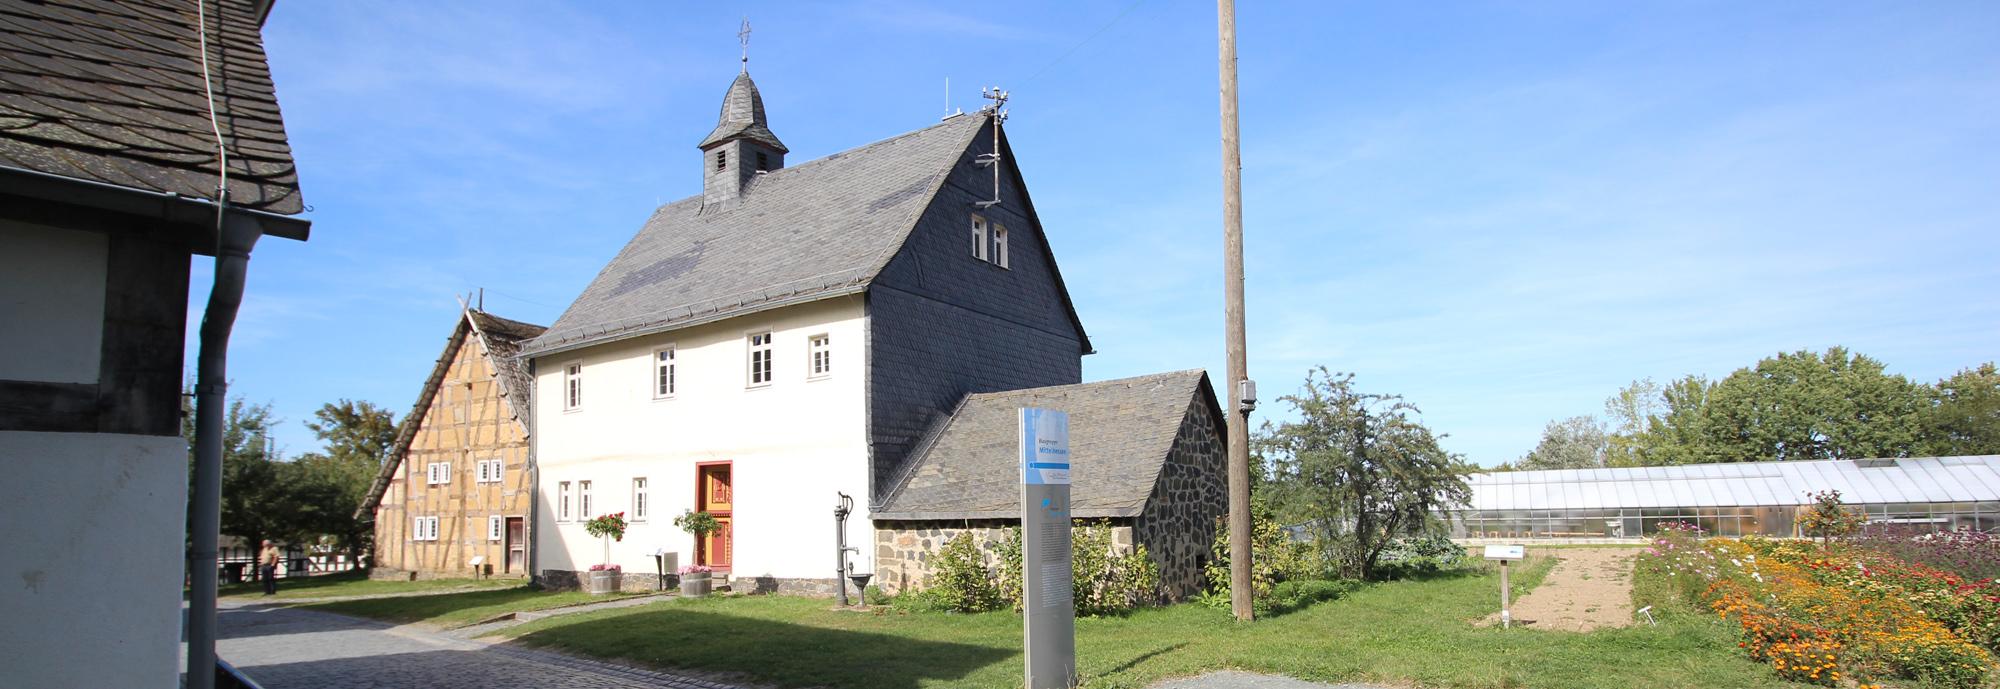 Verputztes Haus mit Wetterfront und kleinem Nebengebäude. Das Hauptgebäude hat eine rot-gelbe Haustür, davor stehen links und rechts zwei Rosenstöcke.